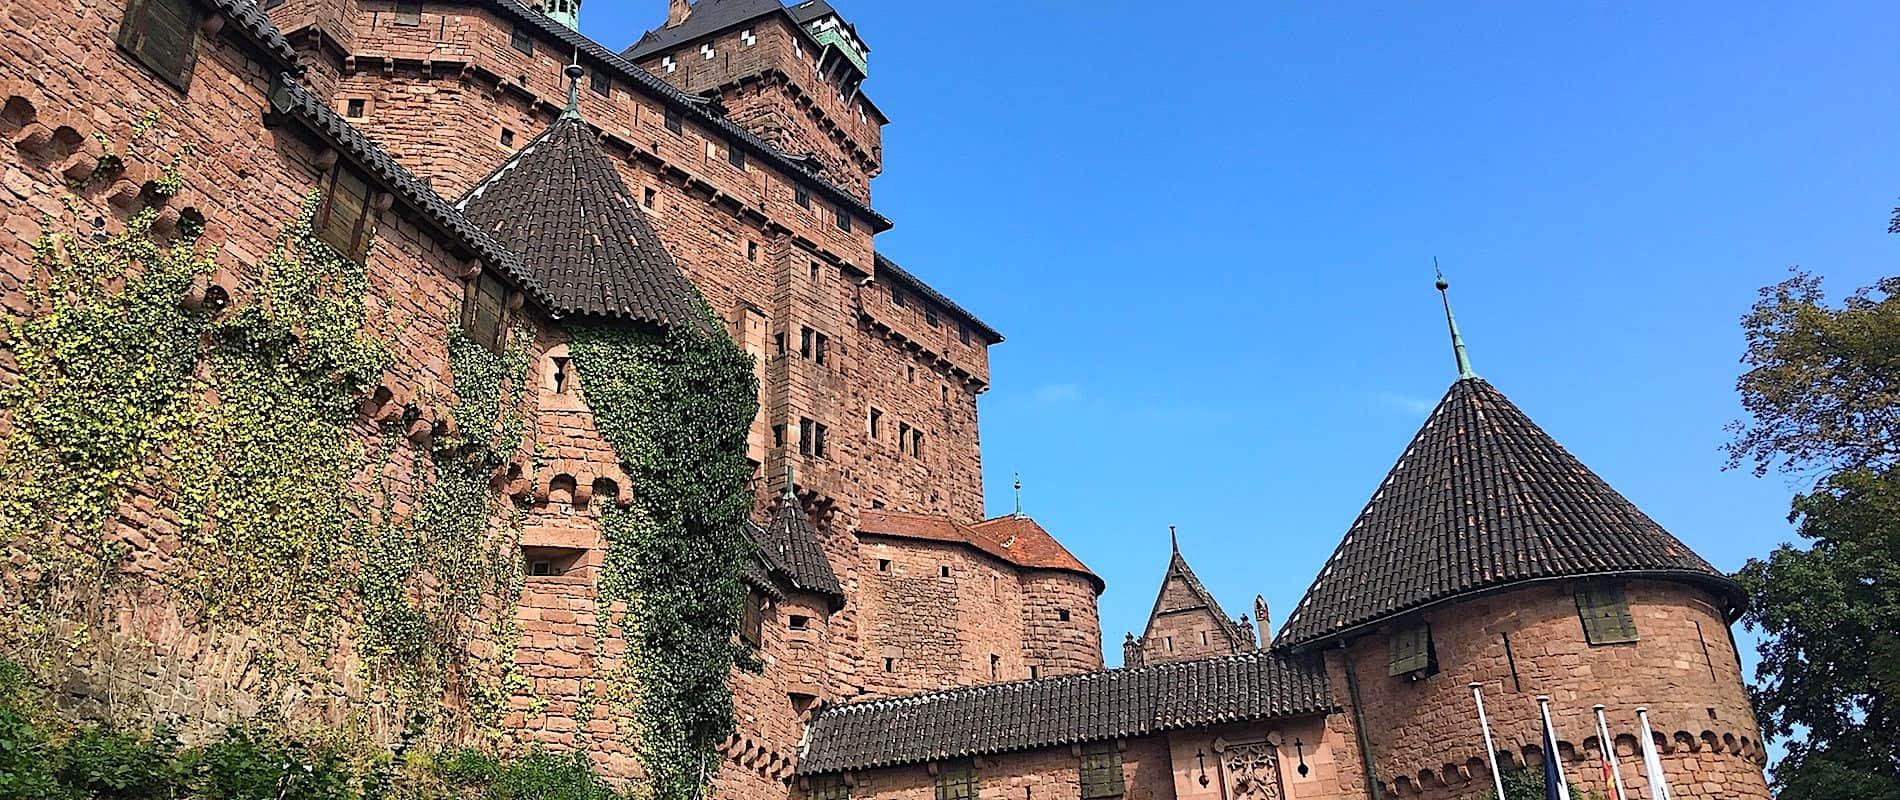 Chateau de Haut-Kœnigsbourg in Alsace - France